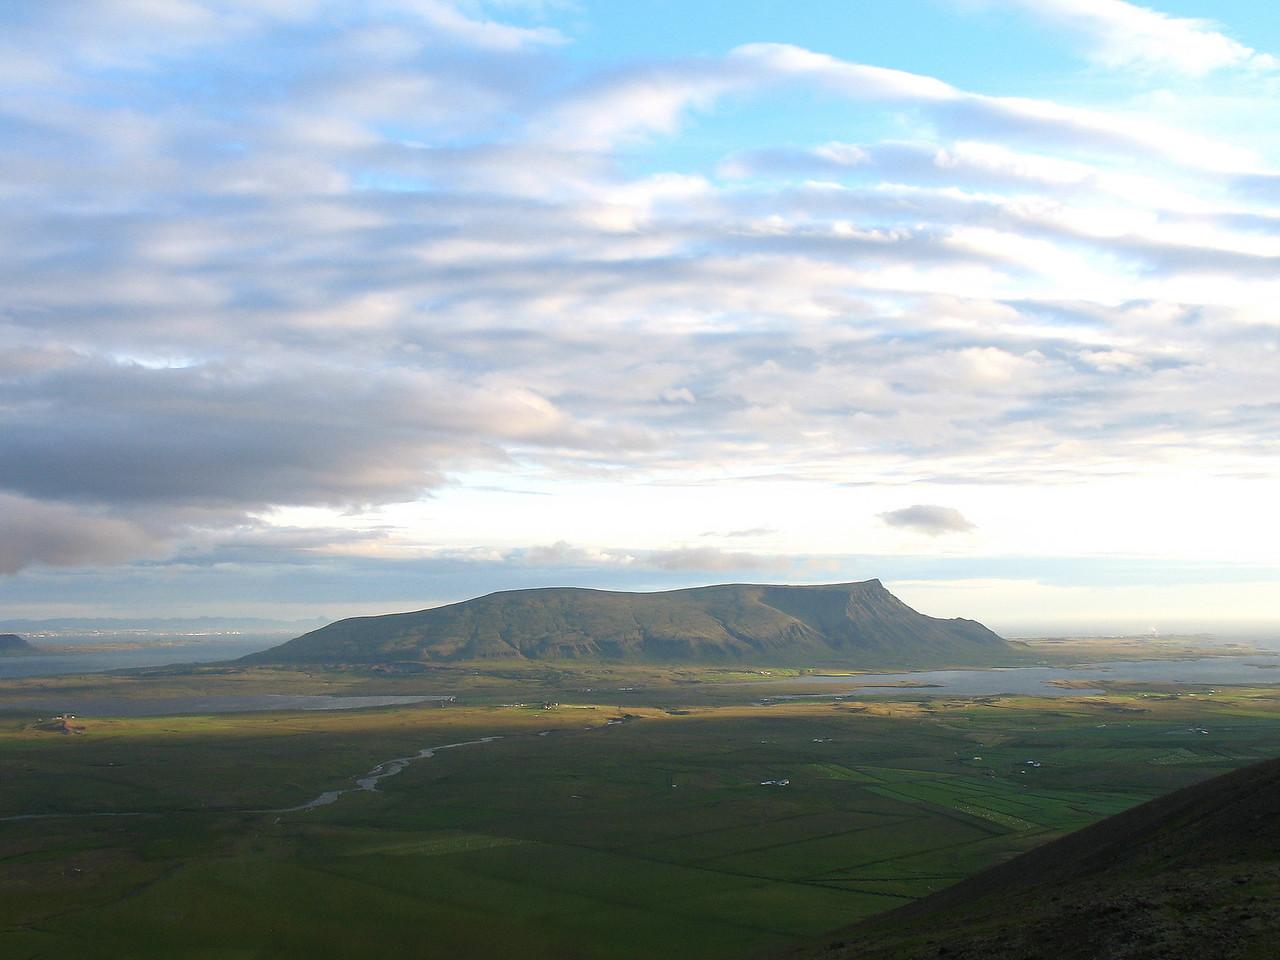 Komin niður úr þokunni, Akrafjall fyrir miðri mynd, vinstra megin við það sér til höfuðborgarinnar.